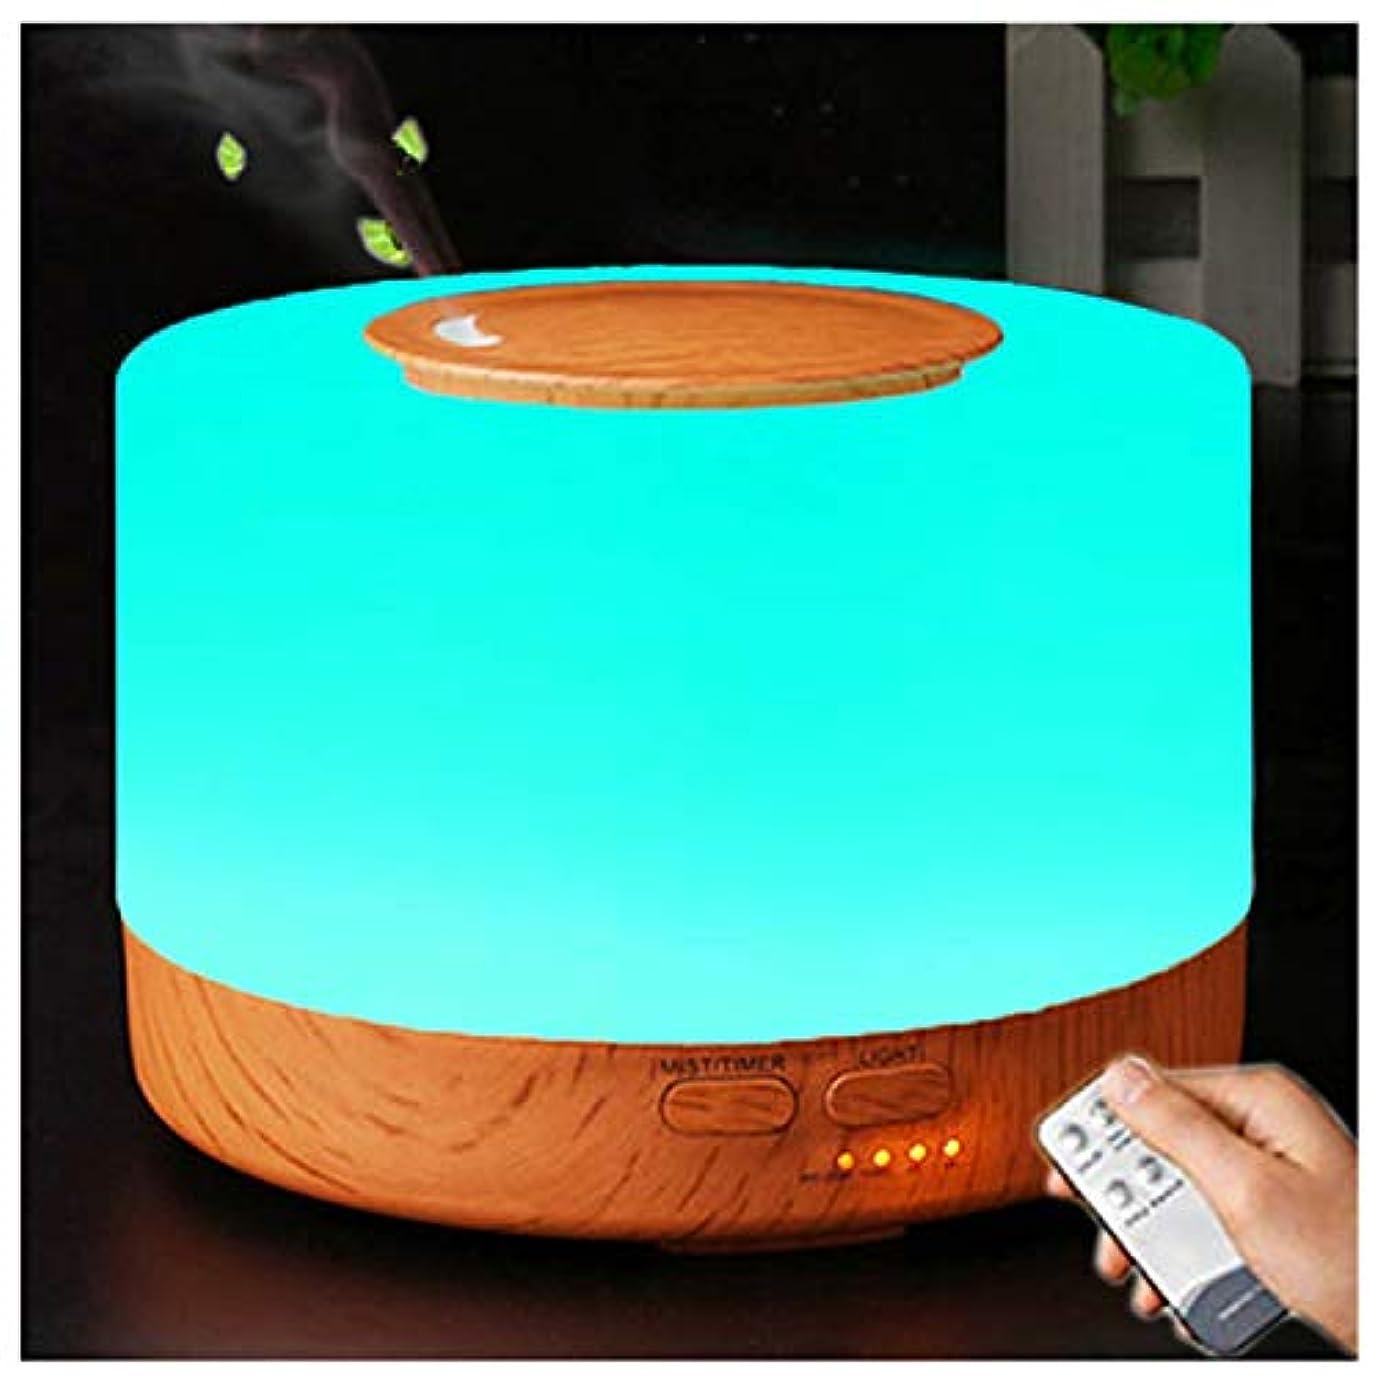 移植批判する抗生物質アロマディフューザー 加湿器, 卓上 大容量 超音波加湿器, 500ML 保湿 時間設定 空焚き防止 7色変換LED搭載 (木目調)